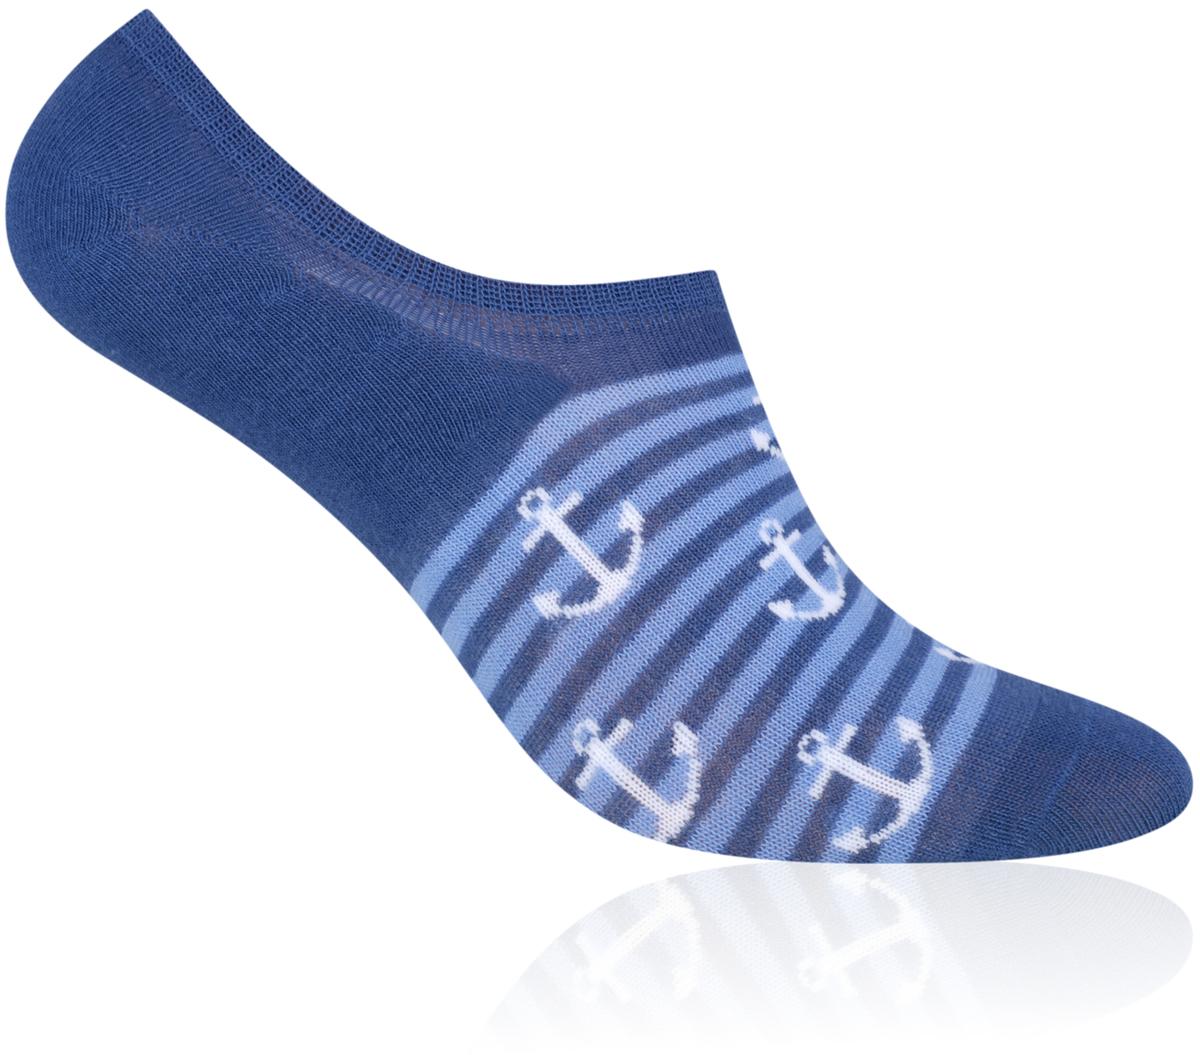 Носки детские Steven, цвет: синий. 150 (MP015). Размер 29/31150 (MR015)/150 (MP015)Носки Steven изготовлены из качественного материала на основе хлопка. Укороченная модель имеет мягкую эластичную резинку. Носки хорошо держат форму и обладают повышенной воздухопроницаемостью.